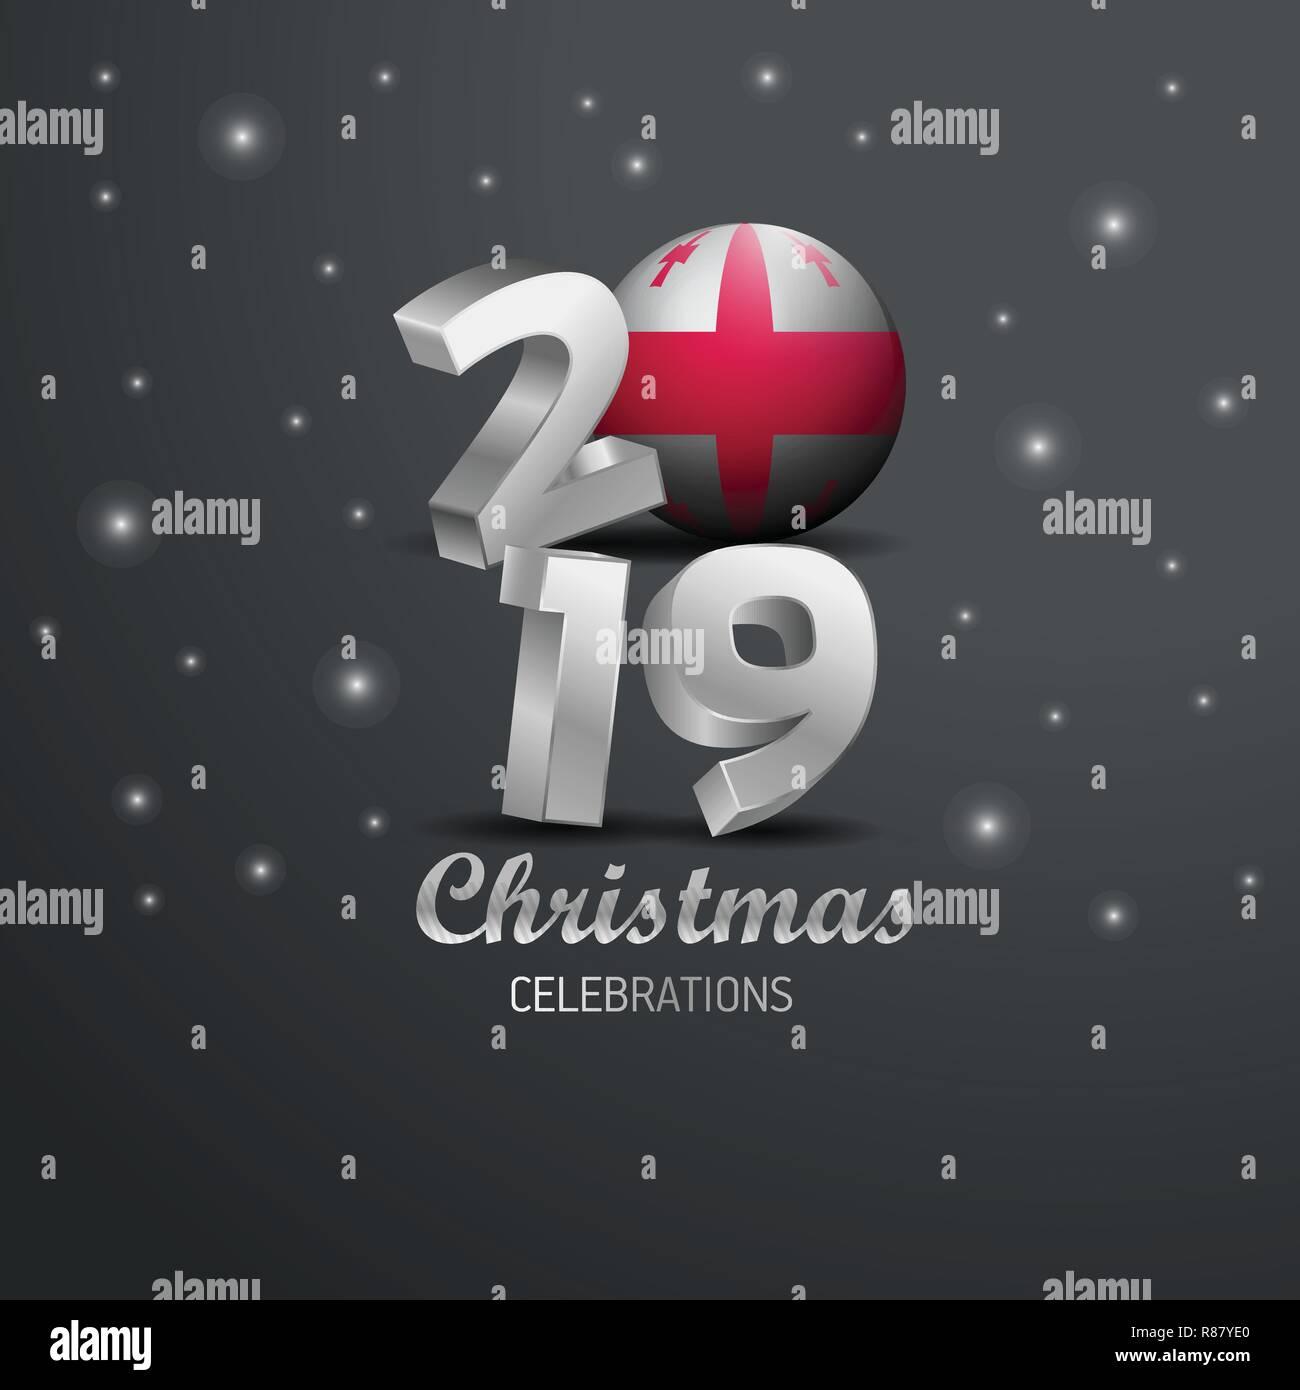 Frohe Weihnachten Georgisch.Georgia Flagge 2019 Frohe Weihnachten Typografie Neues Jahr